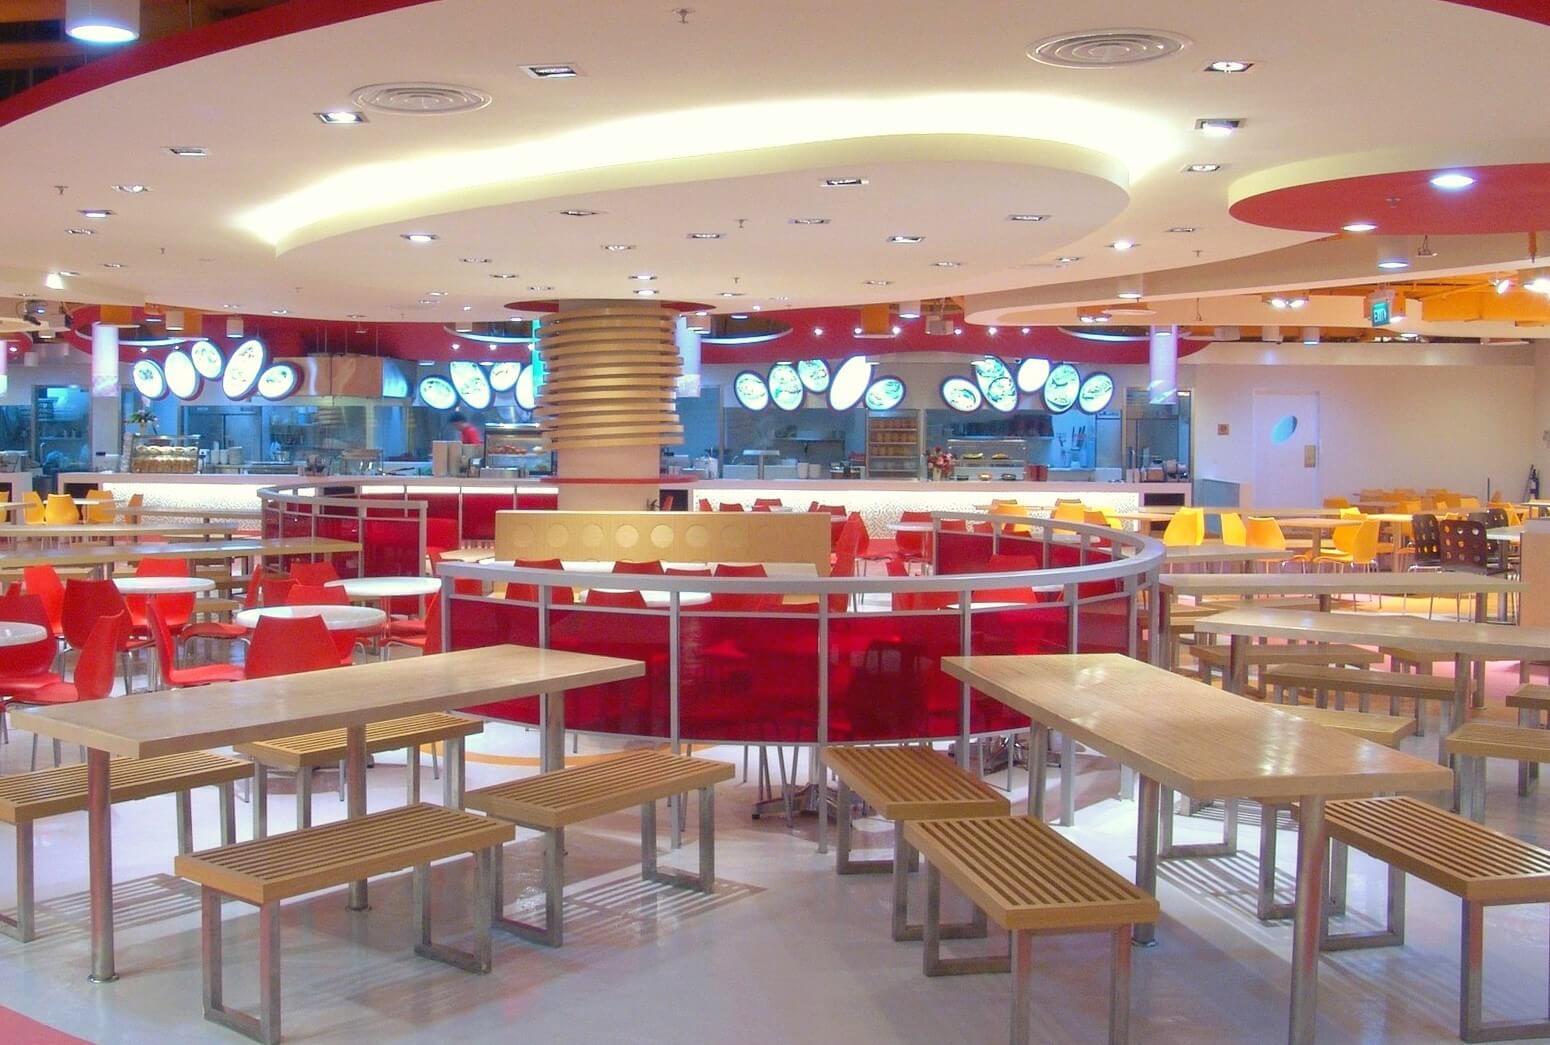 Food Court Sushi